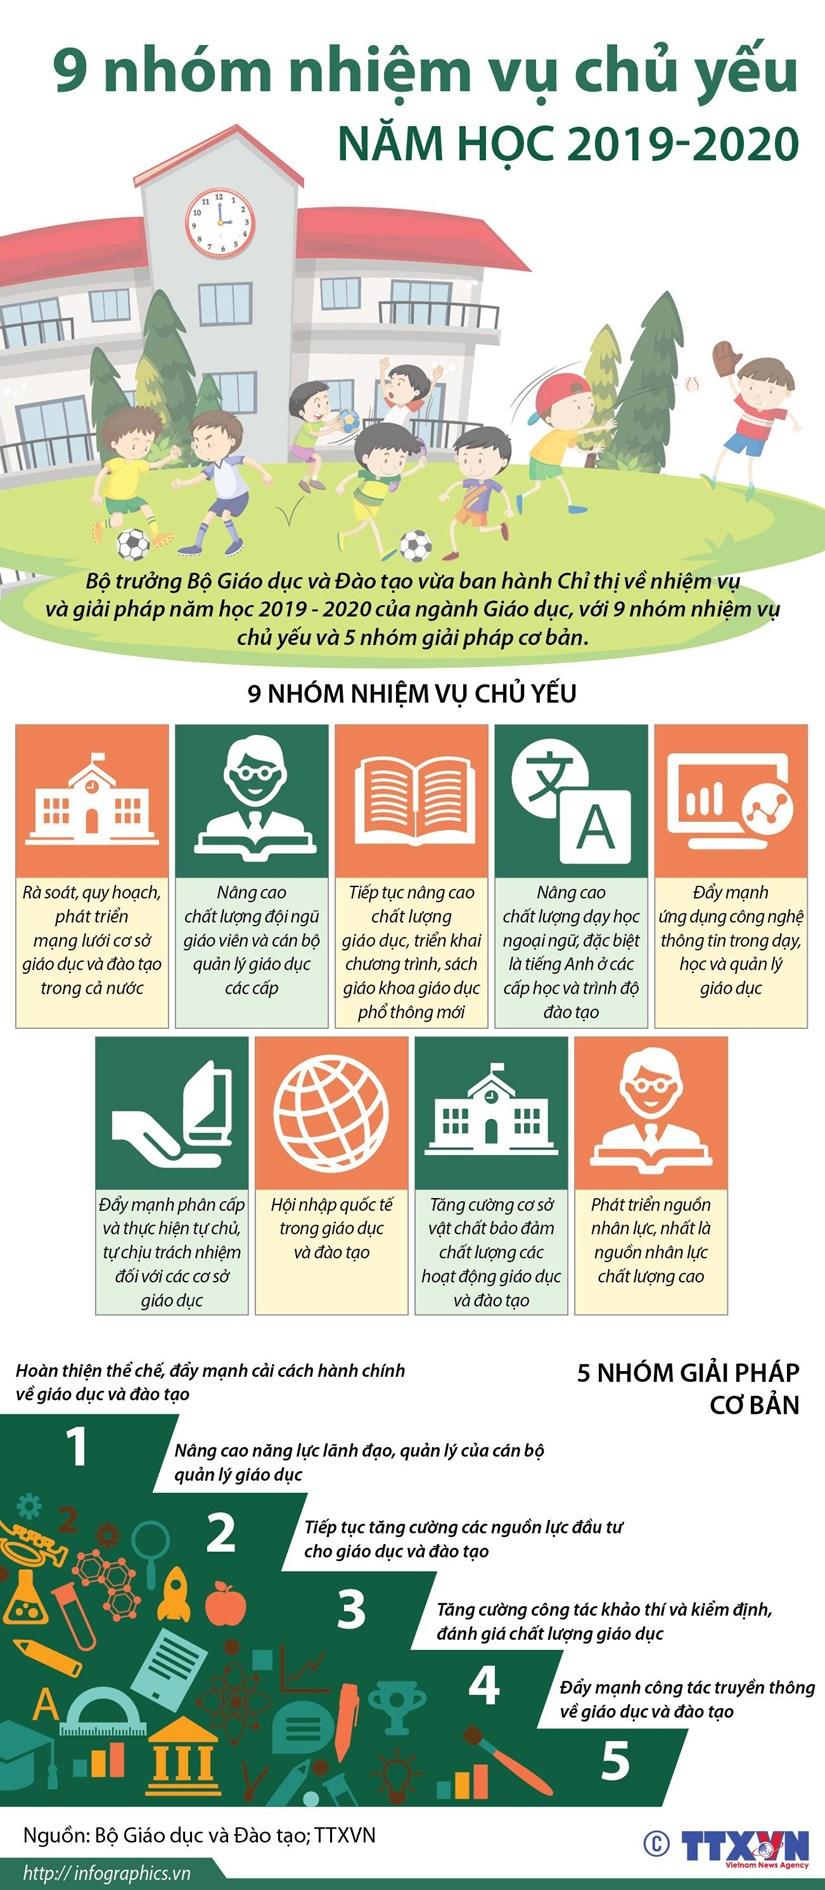 [Infographics] 9 nhóm nhiệm vụ chủ yếu năm học 2019-2020